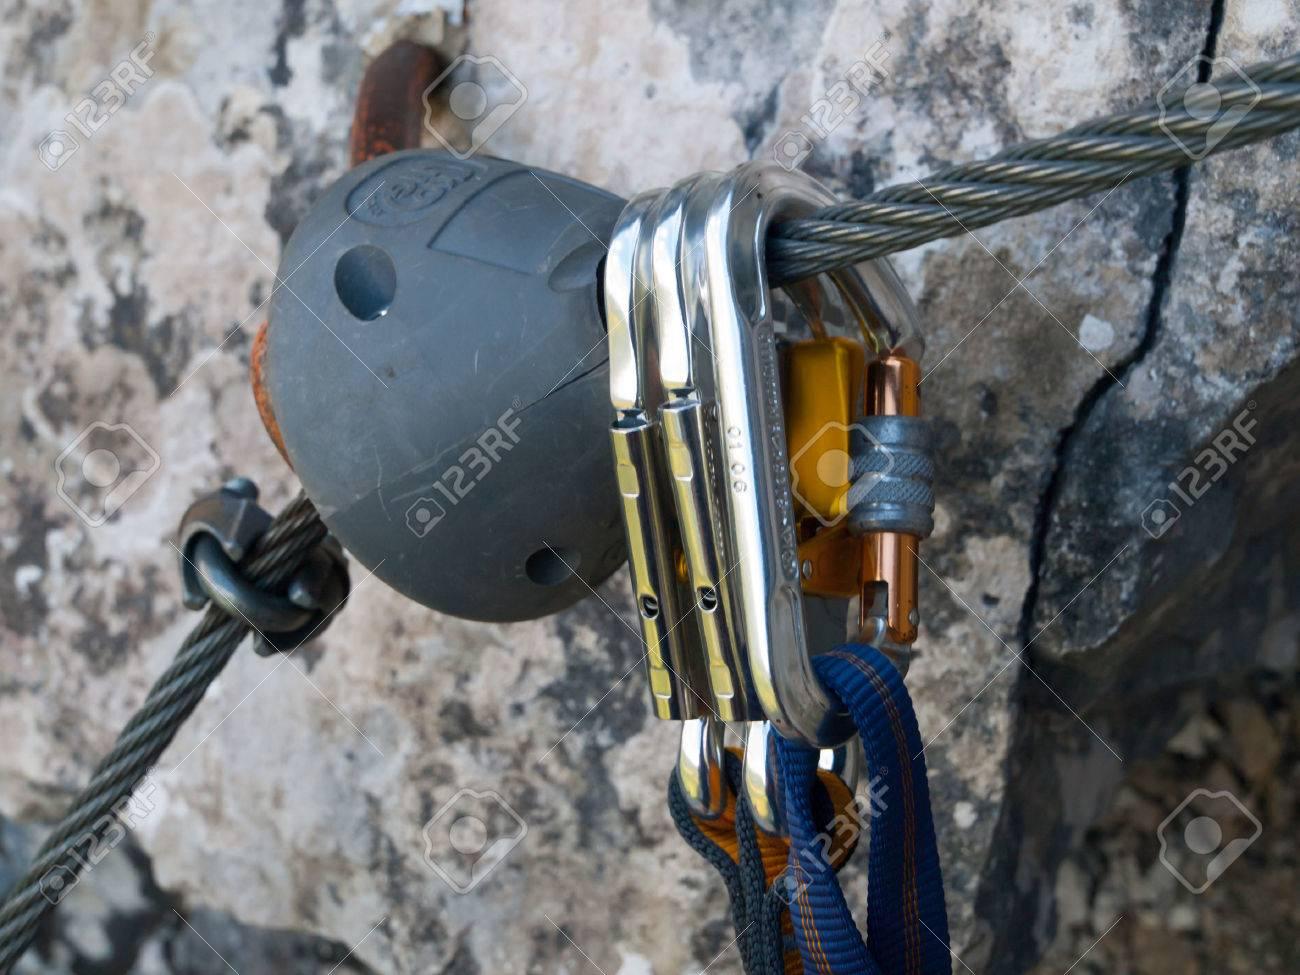 Kletterausrüstung Klettersteig : Snap haken an der metallseil kletterausrüstung für klettersteig